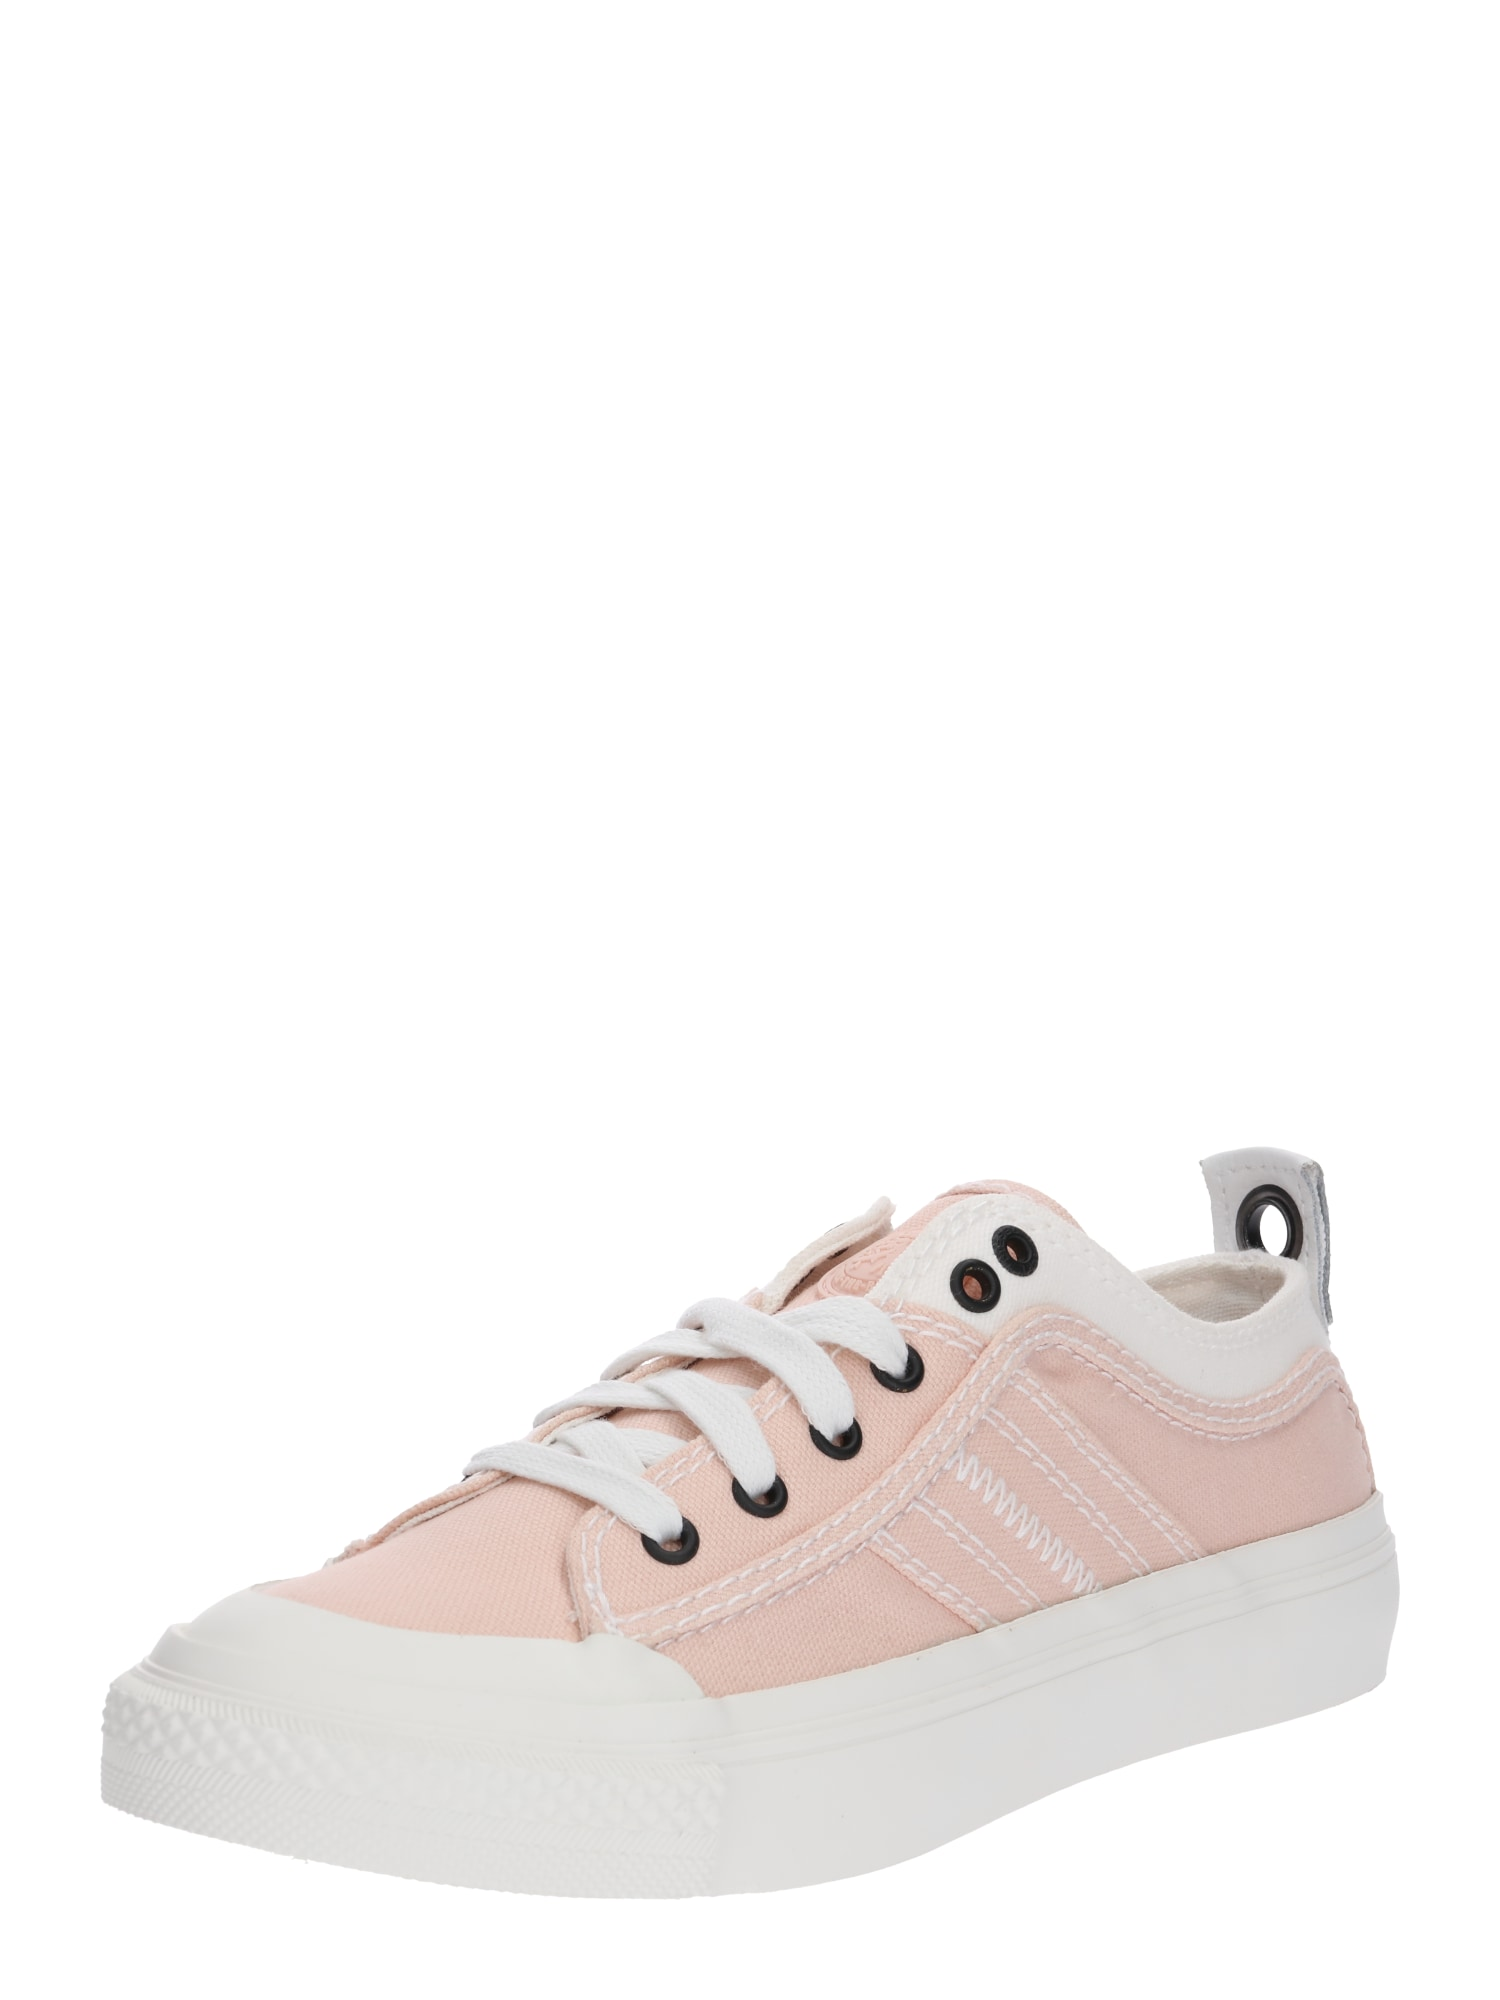 Tenisky Astico růžová bílá DIESEL